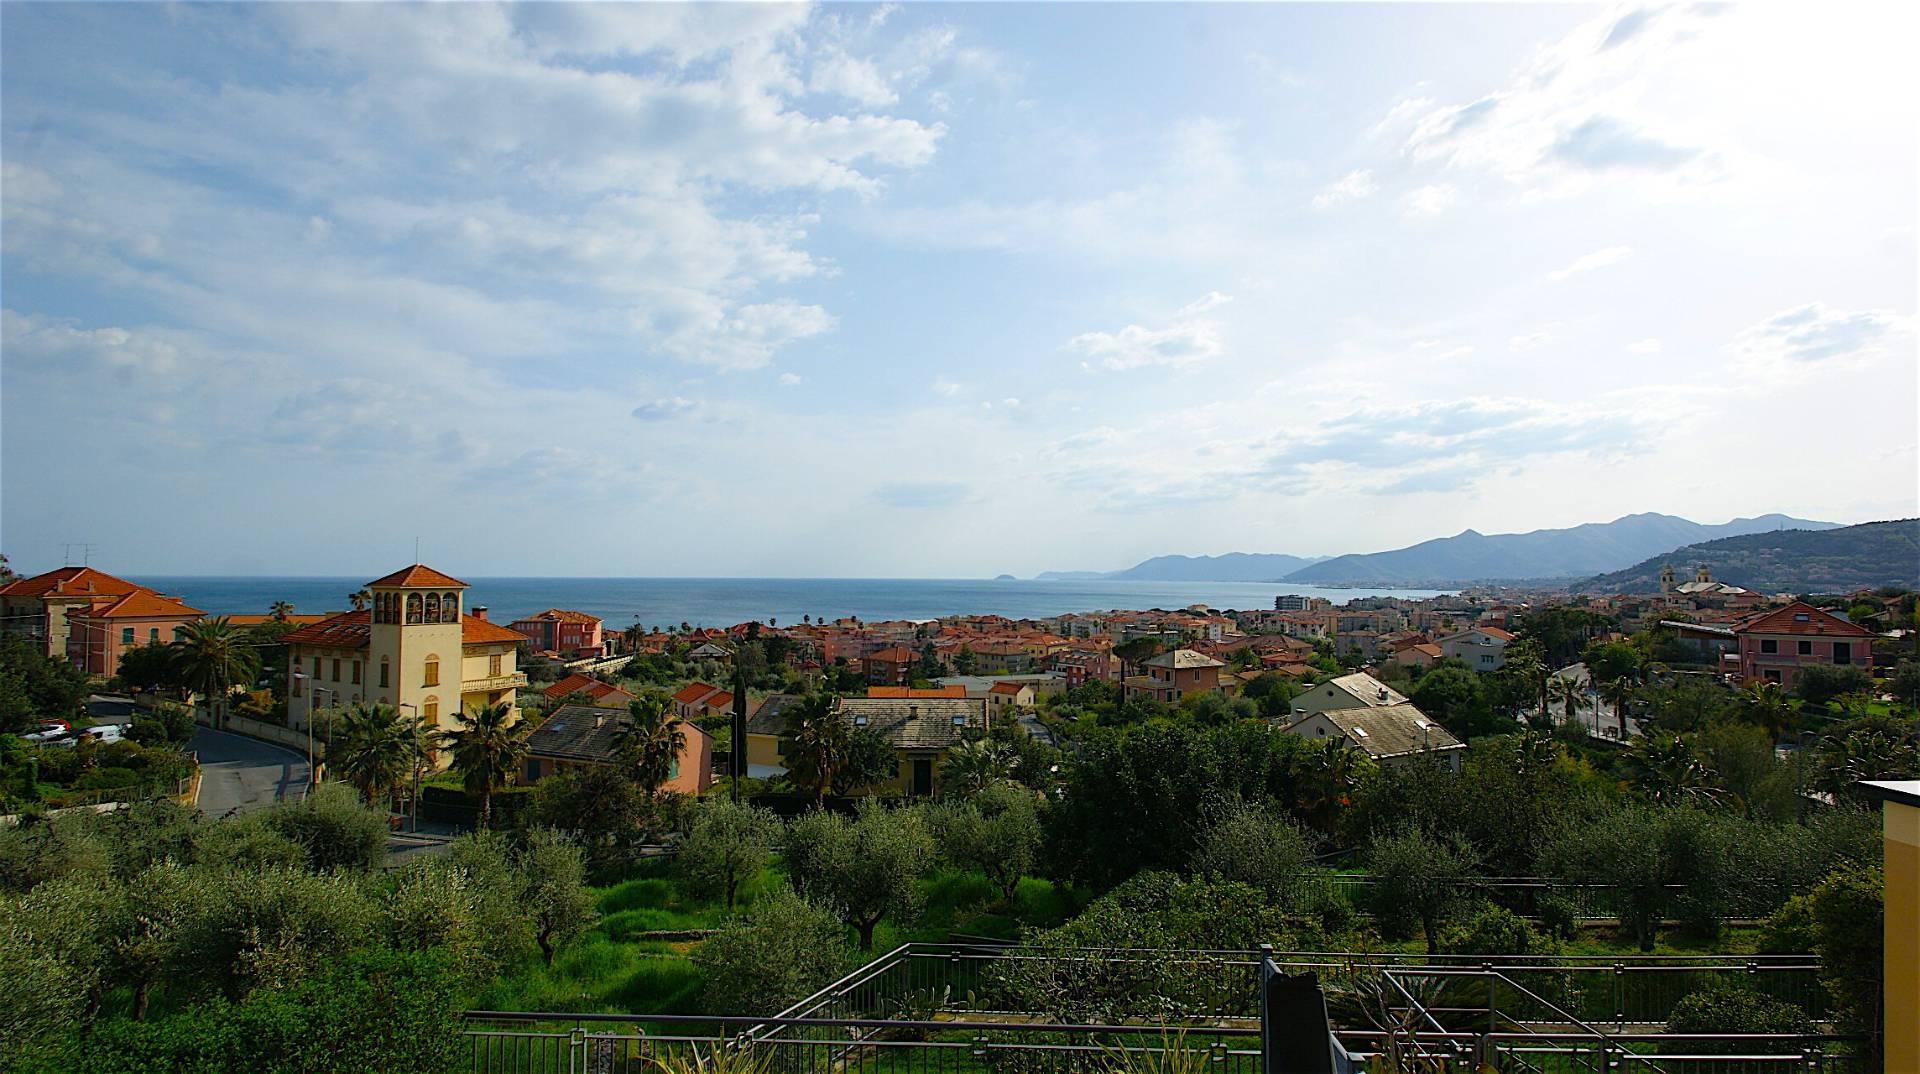 Appartamento in vendita a Borgio Verezzi, 3 locali, Trattative riservate   CambioCasa.it